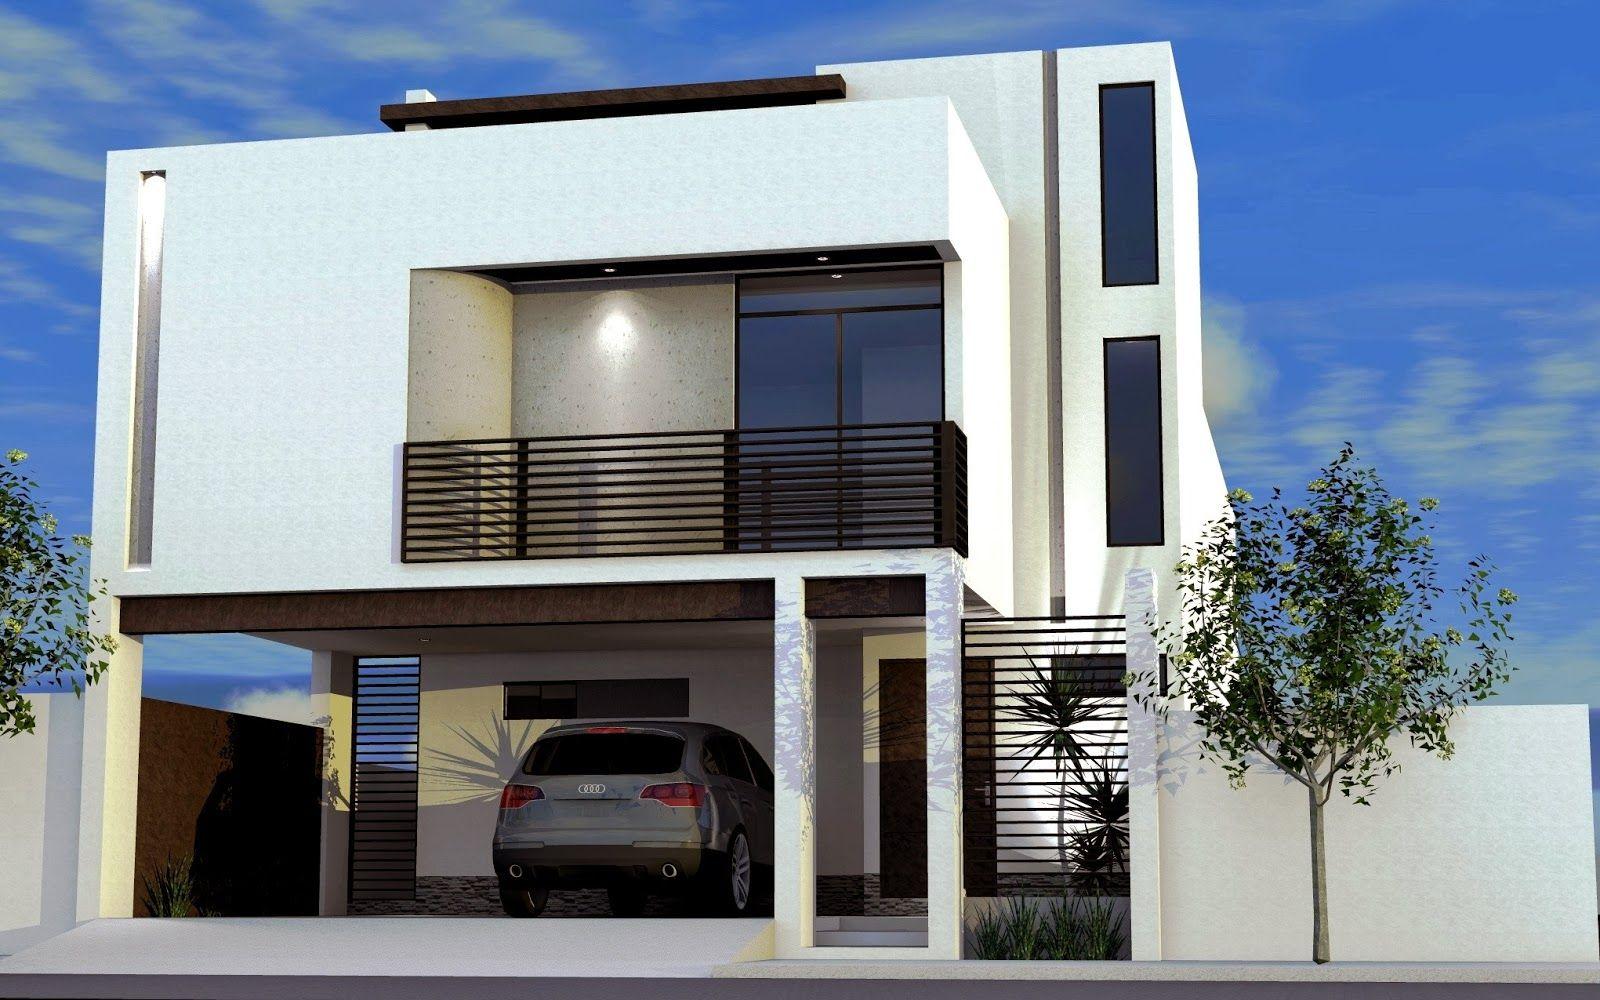 Modelos de balcones para casas modernas buscar con for Modelos de fachadas de casas